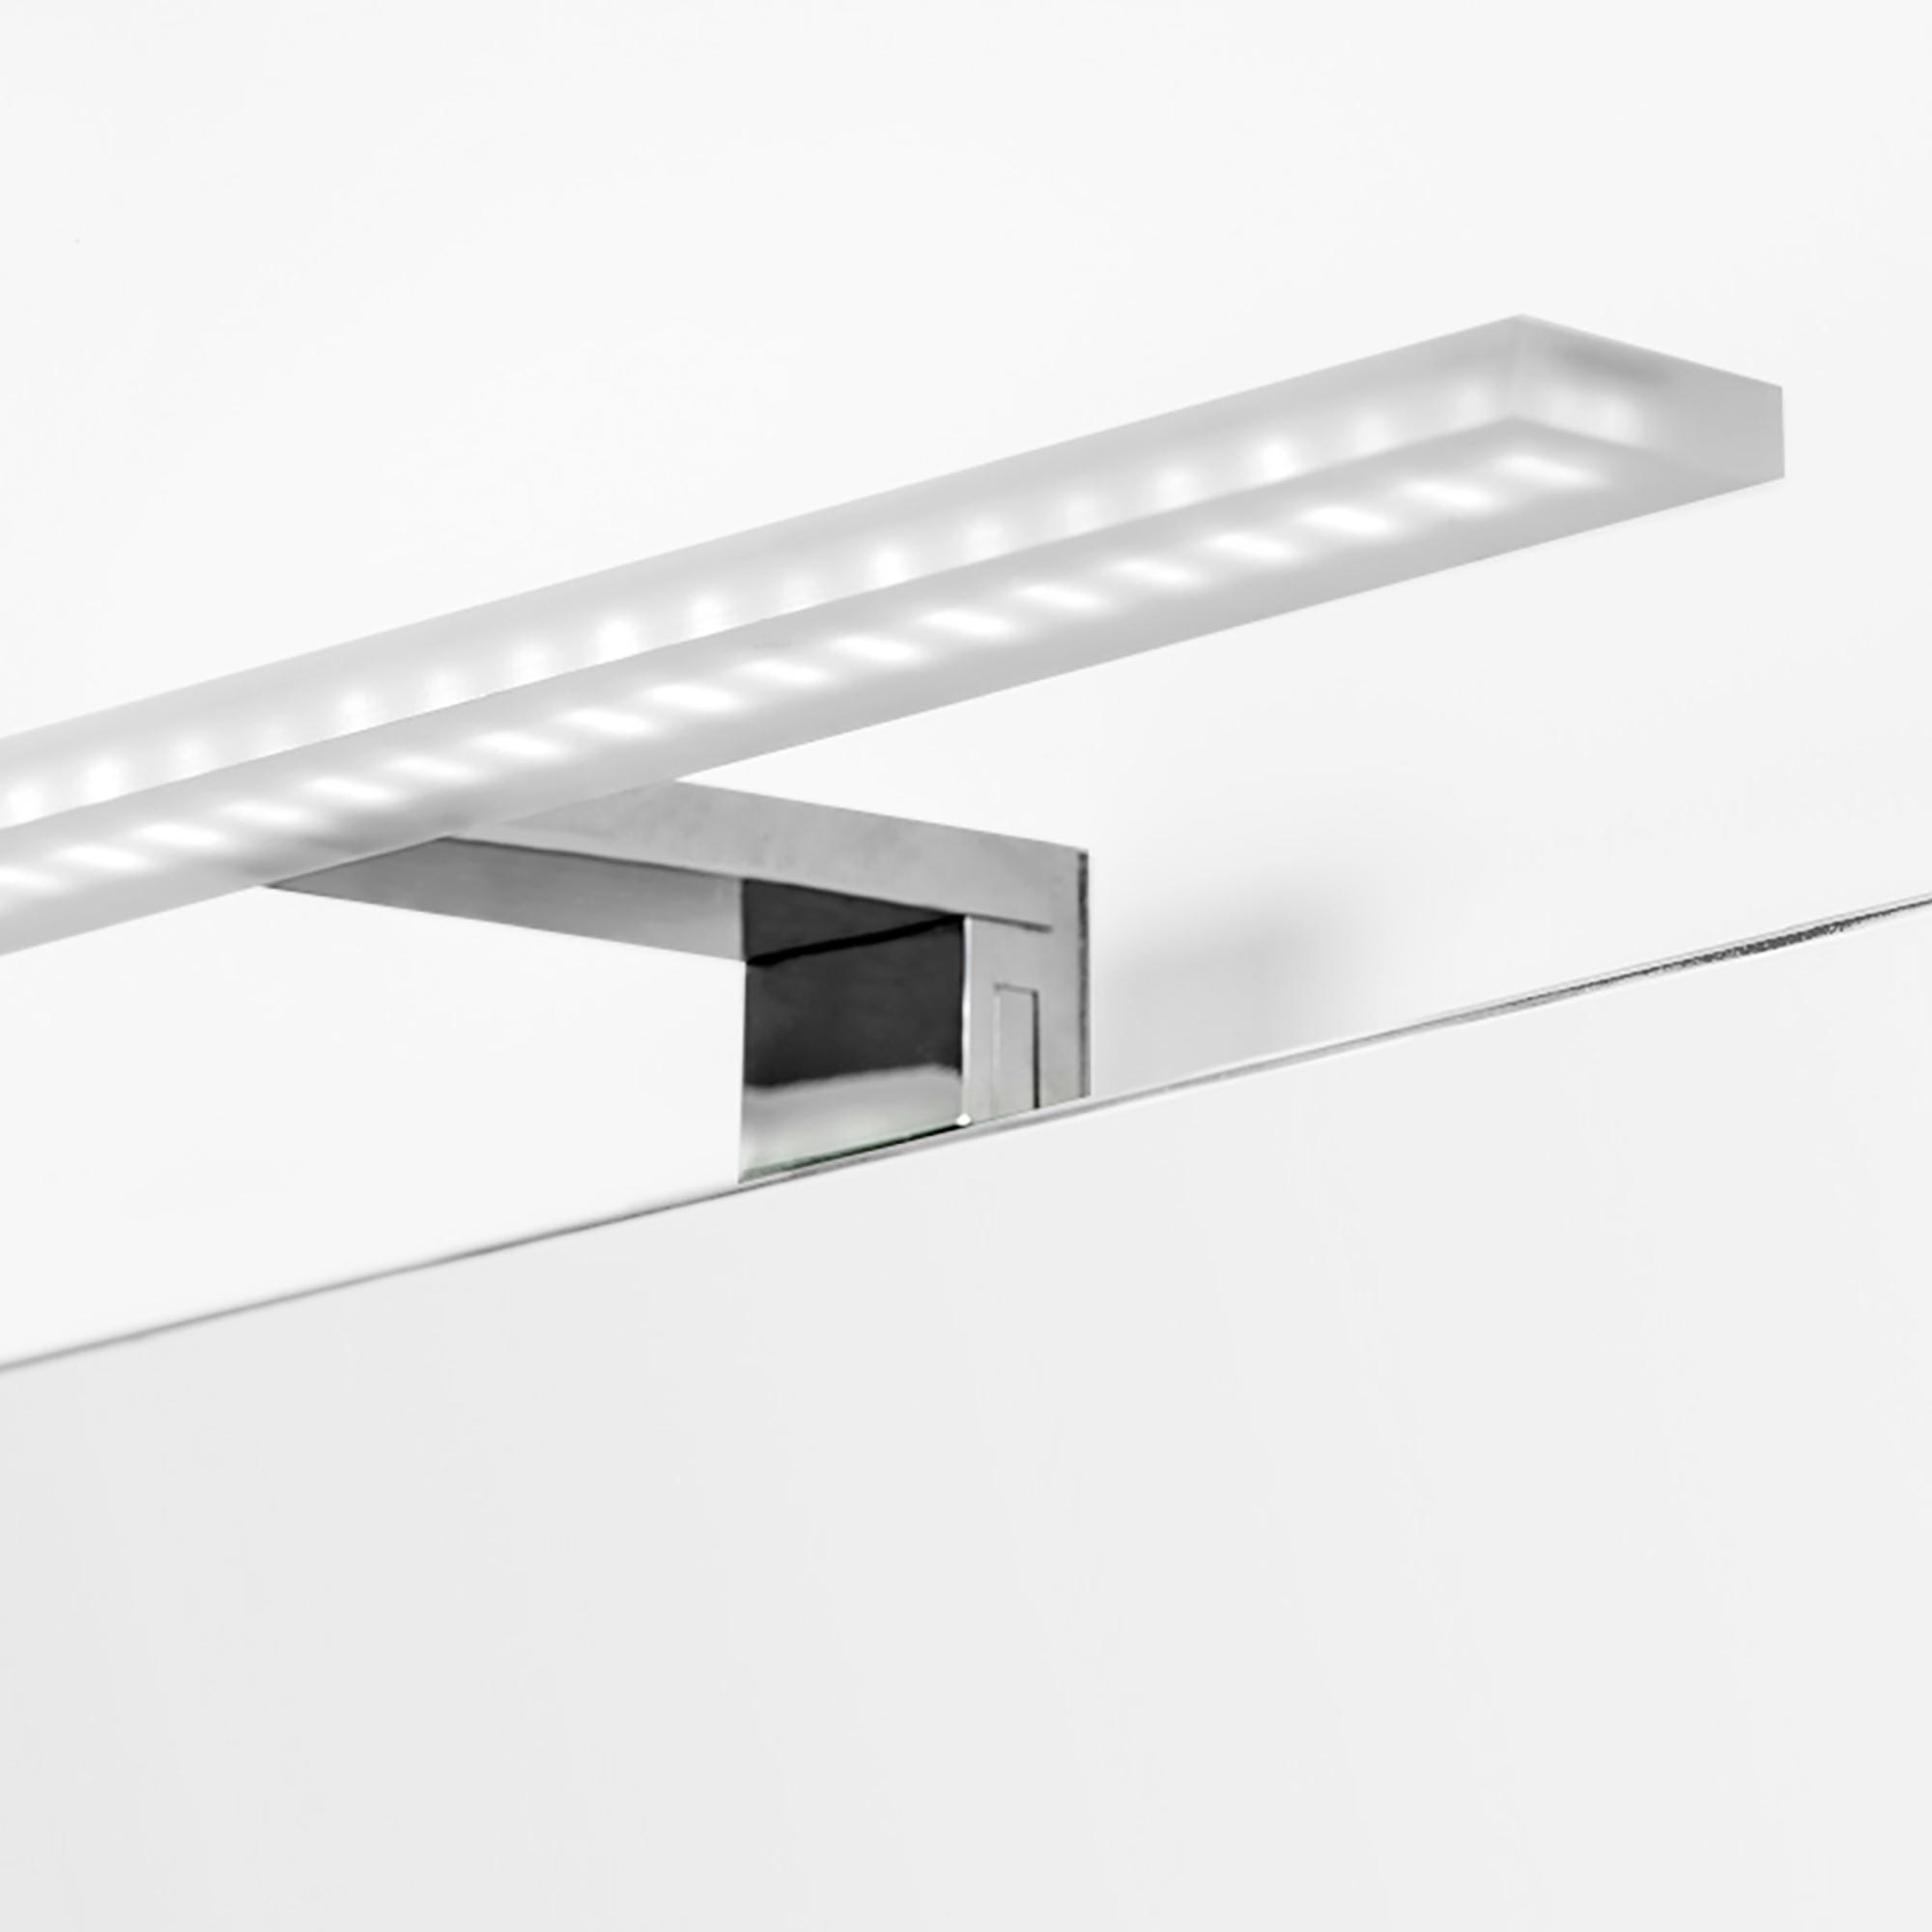 Emuca Applique LED per specchio di bagno, 300 mm, IP44, luce bianca fredda, Alluminio e Plastica, Cromo